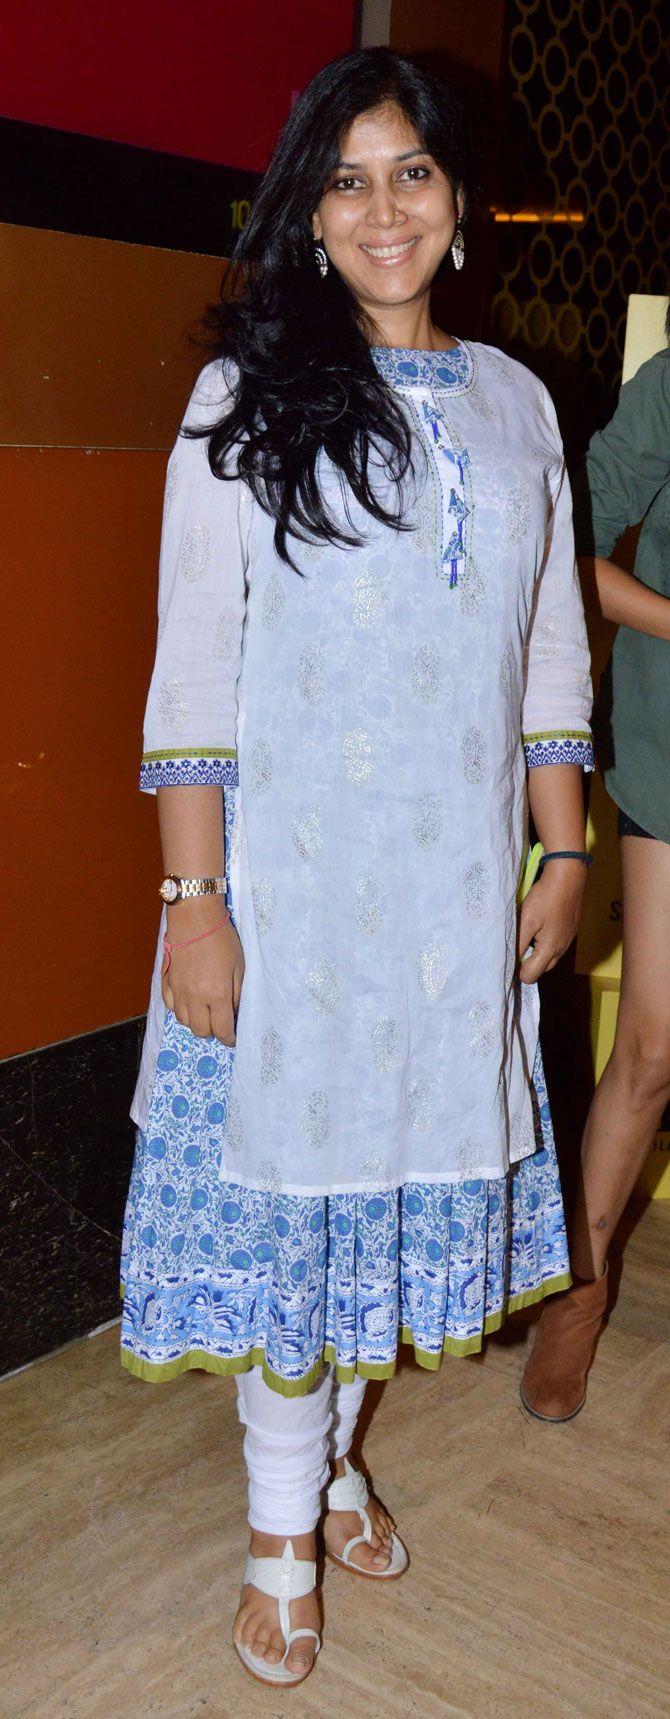 Sakshi Tanwar at screening of 'Kis Kisko Pyaar Karoon'. #Bollywood #Fashion #Style #Beauty #Desi